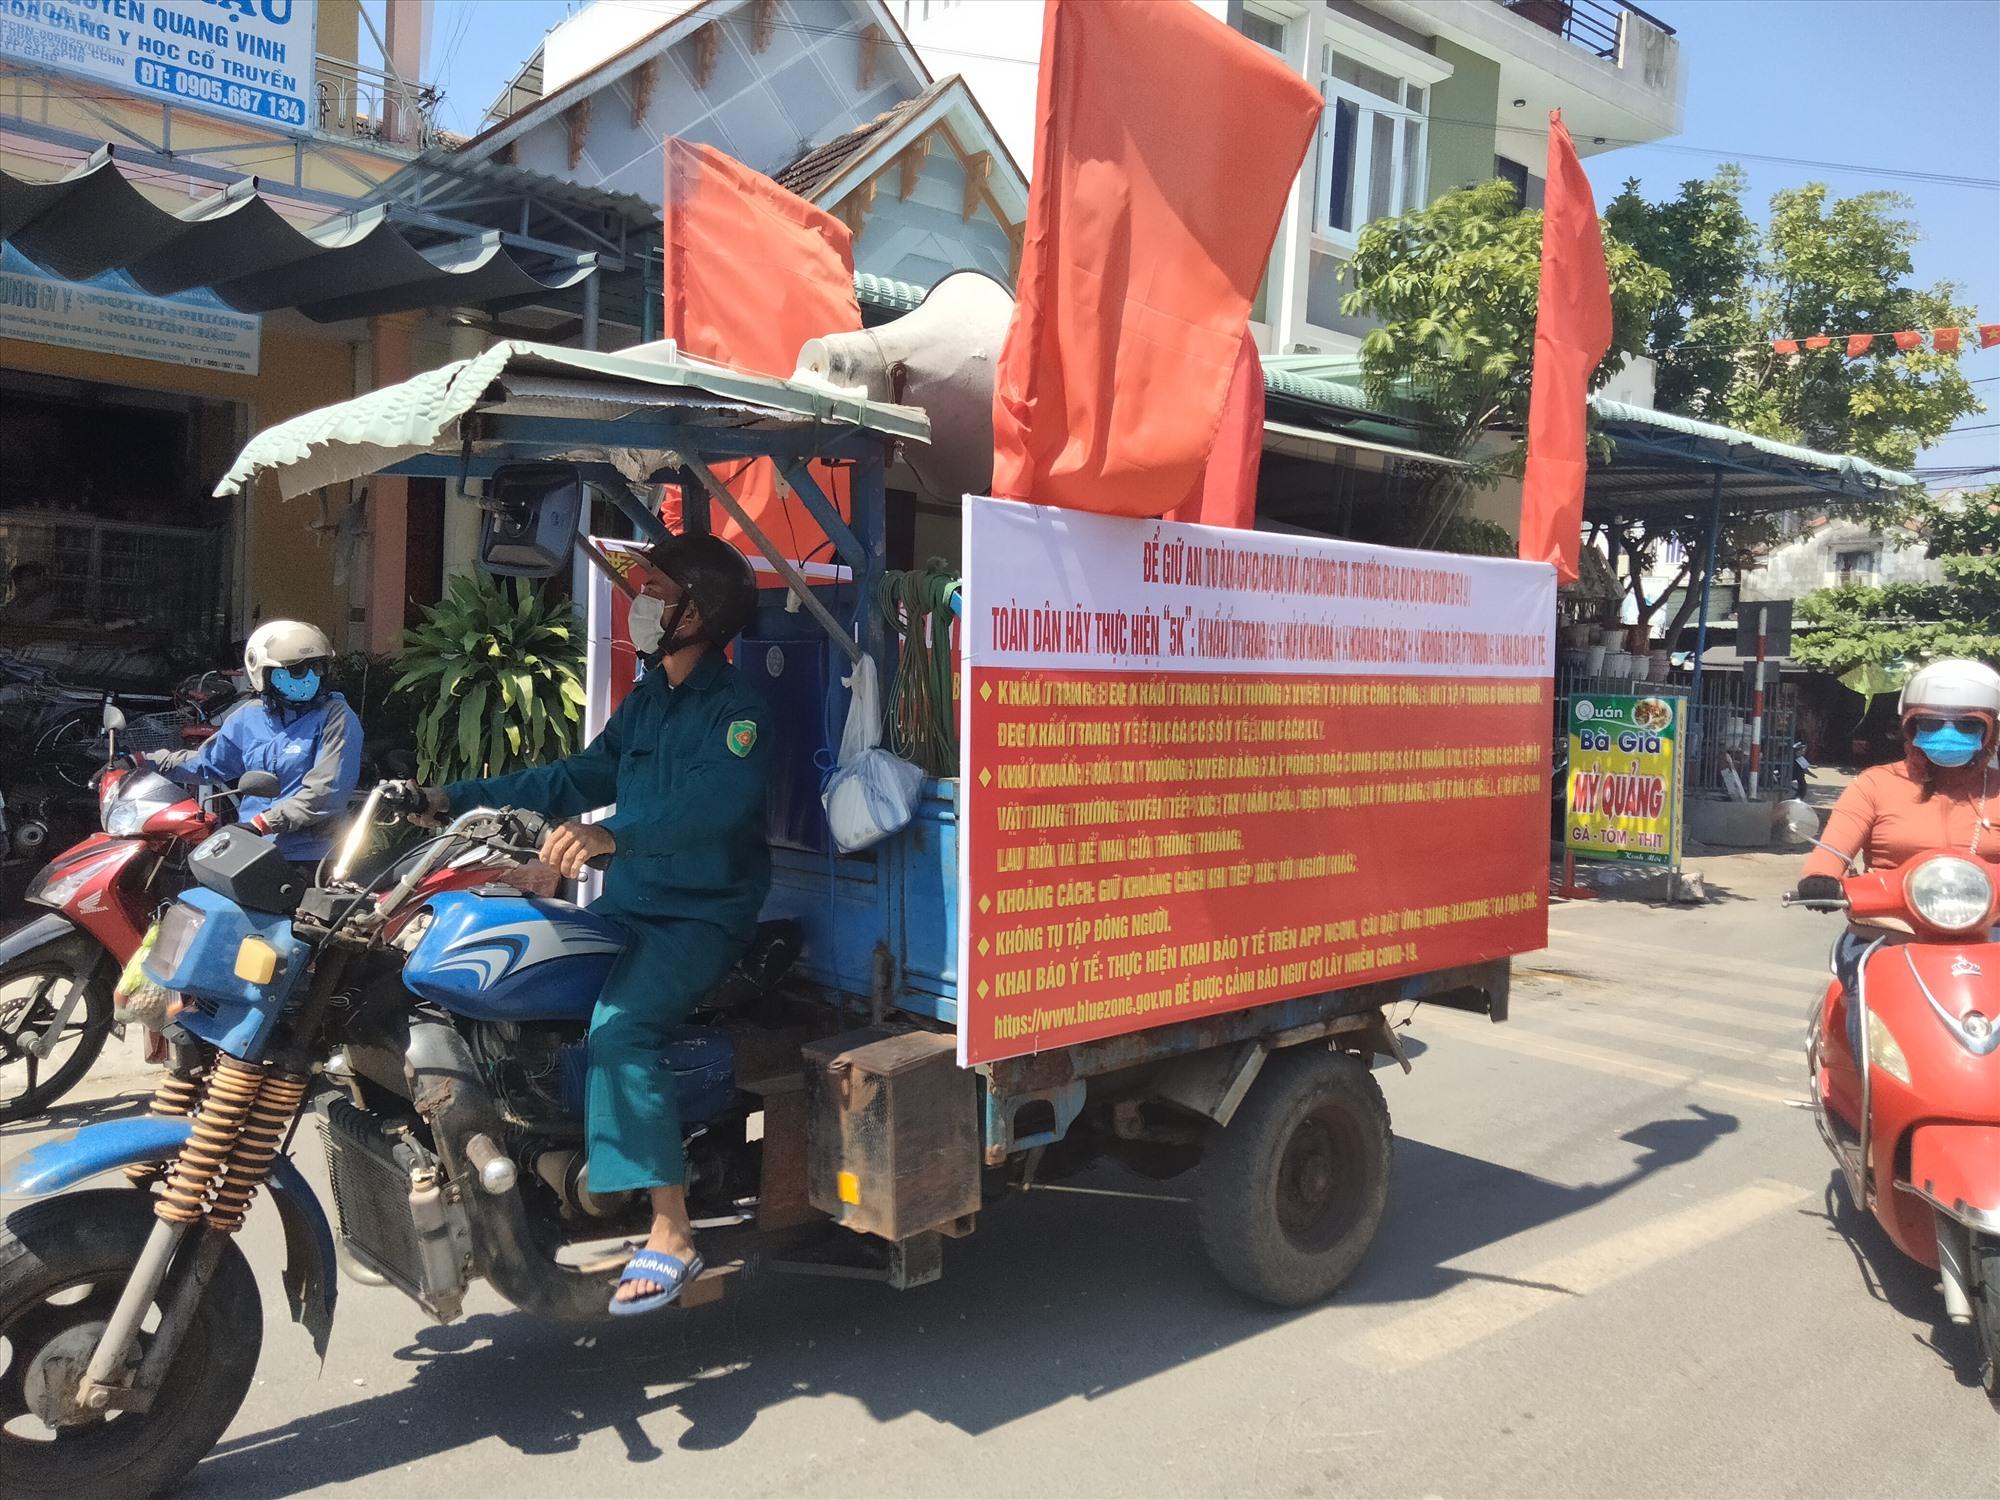 Bình Triều tuyên truyền lưu động bằng xe lôi